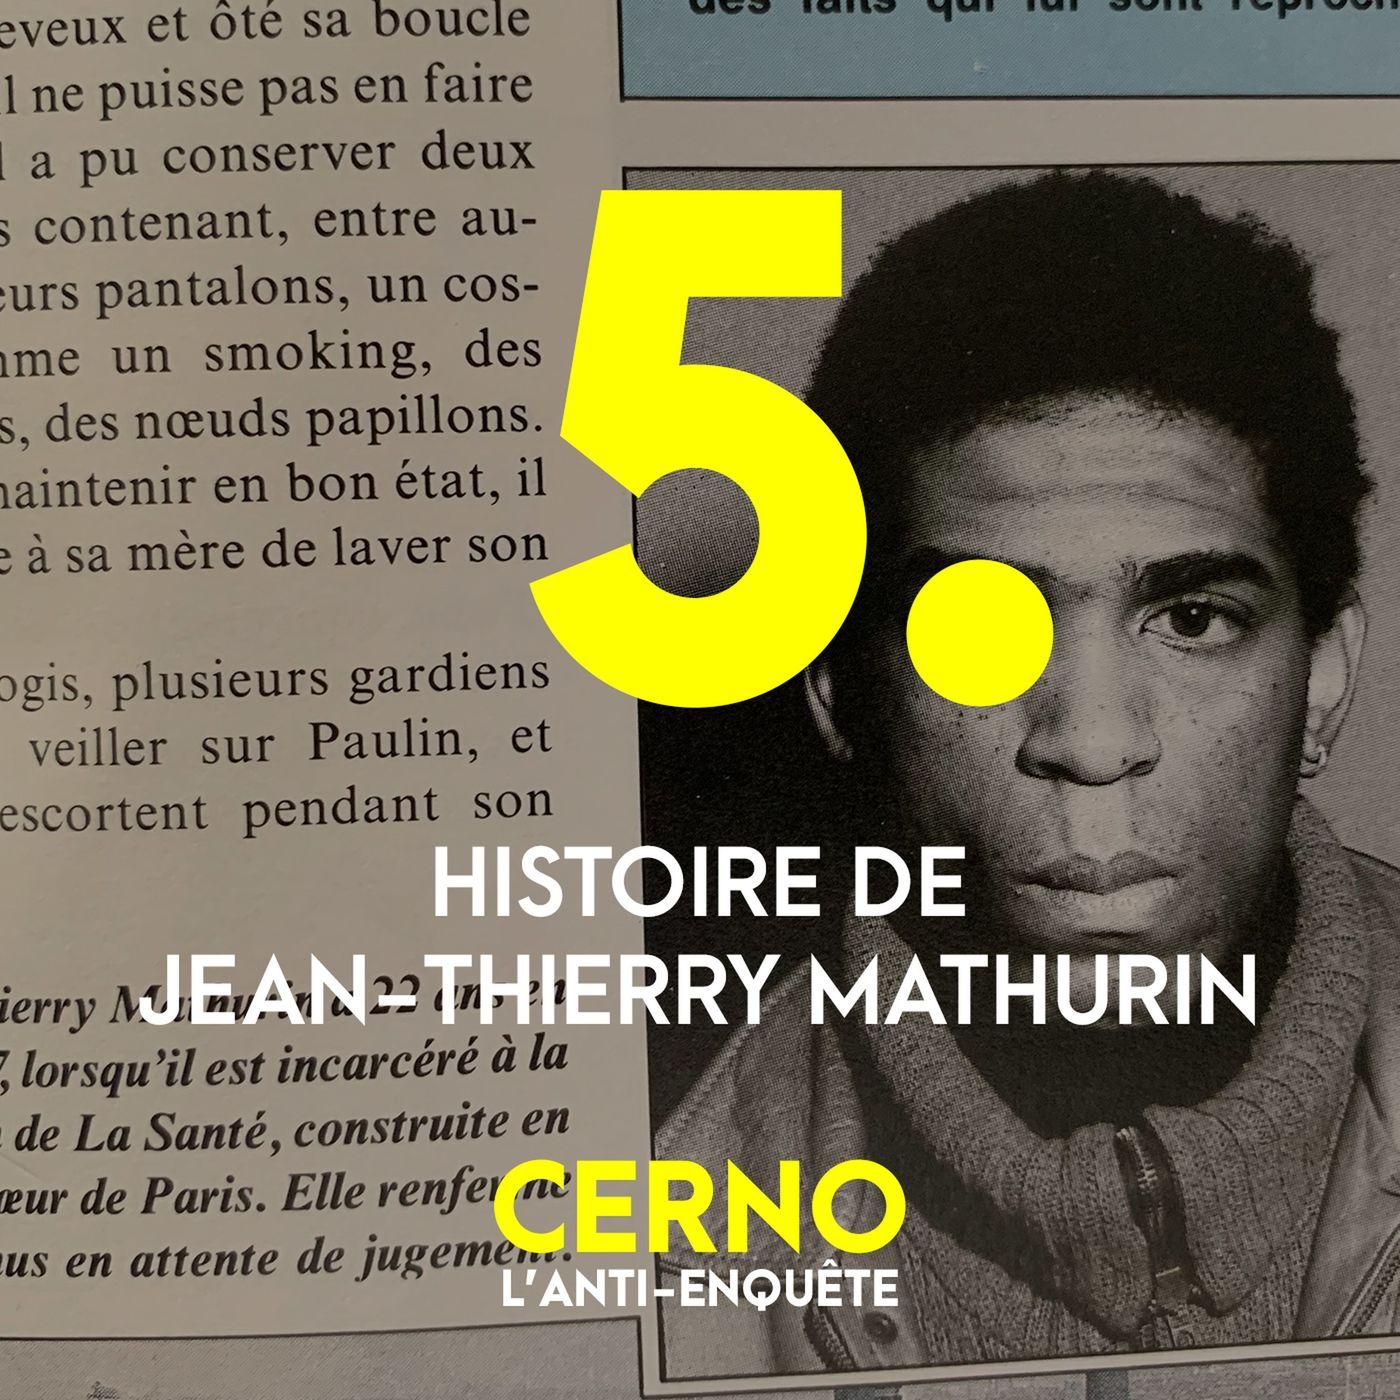 Episode 5 : Histoire de Jean-Thierry Mathurin